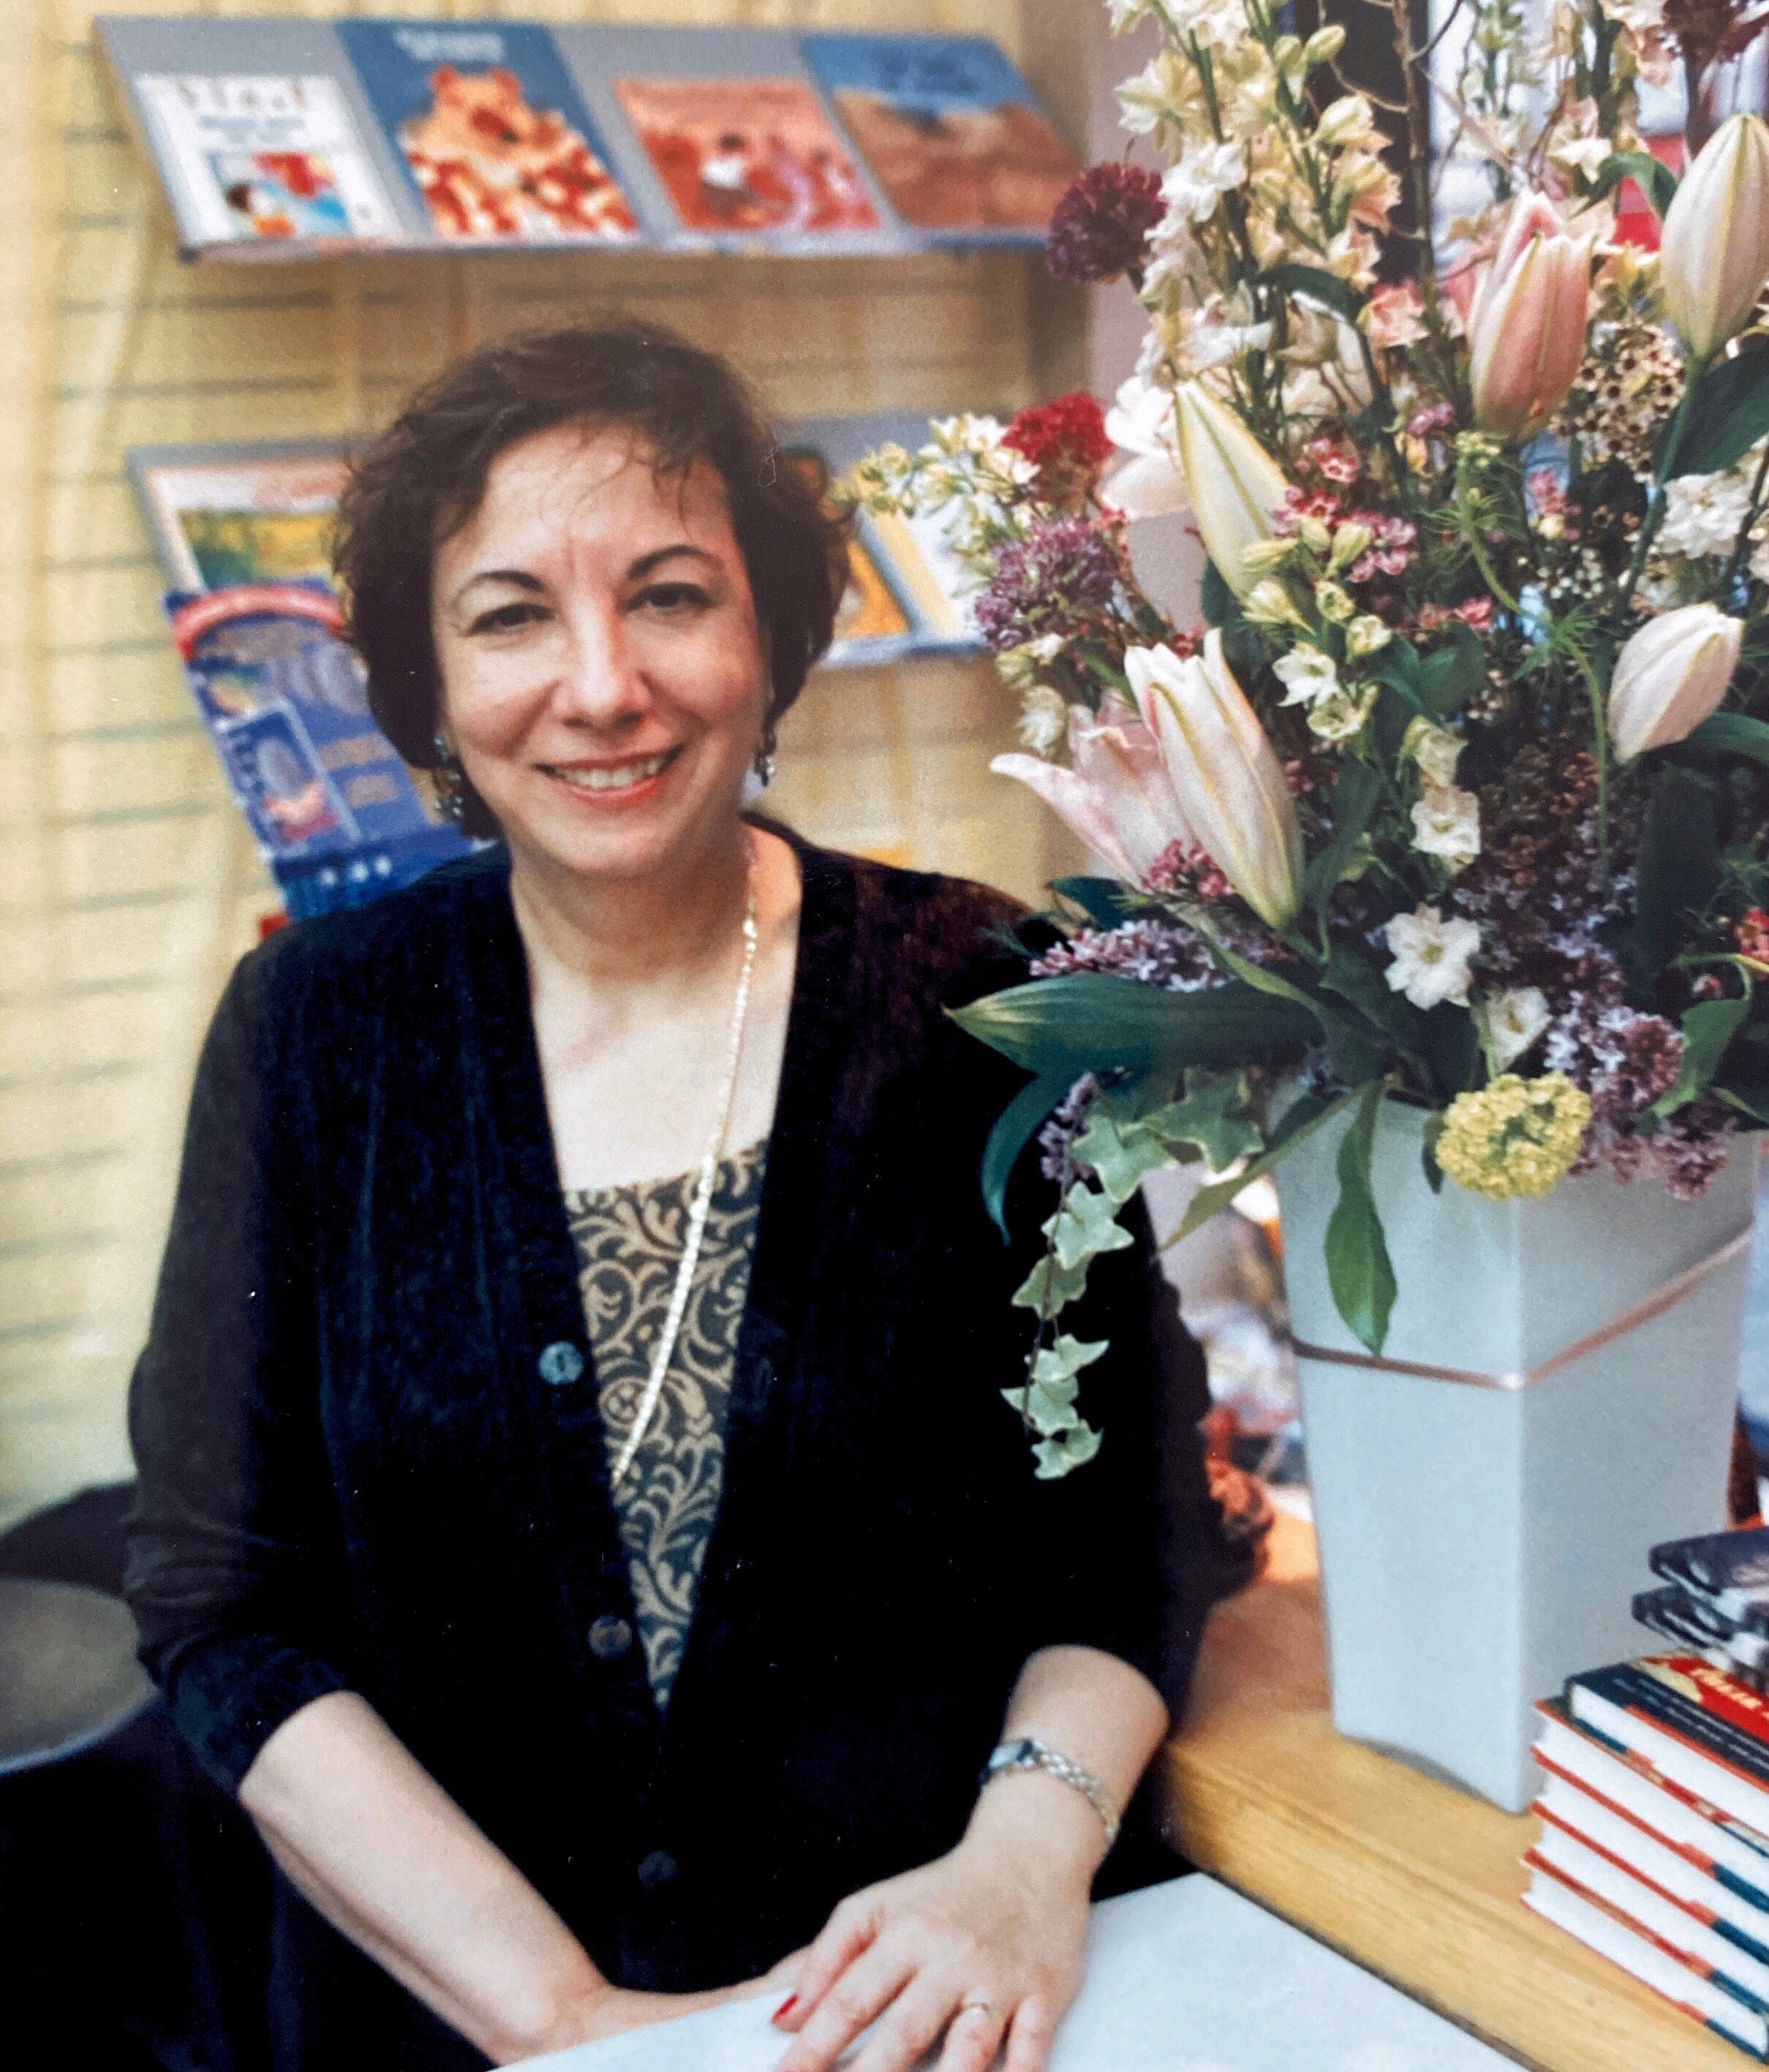 In Loving Memory of Teresa Mlawer - En memoria de Teresa MlawerJune 24, 1944 - March 21, 202024 de junio de 1944 - 21 de marzo de 2020RSVP for Virtual Memorial Service to be held onOctober 10, 2020 at 1:00 PM EDTRSVP para el servicio conmemorativo virtual que se realizará el 10 de octubre de 2020 a la 1:00 p.m. EDT